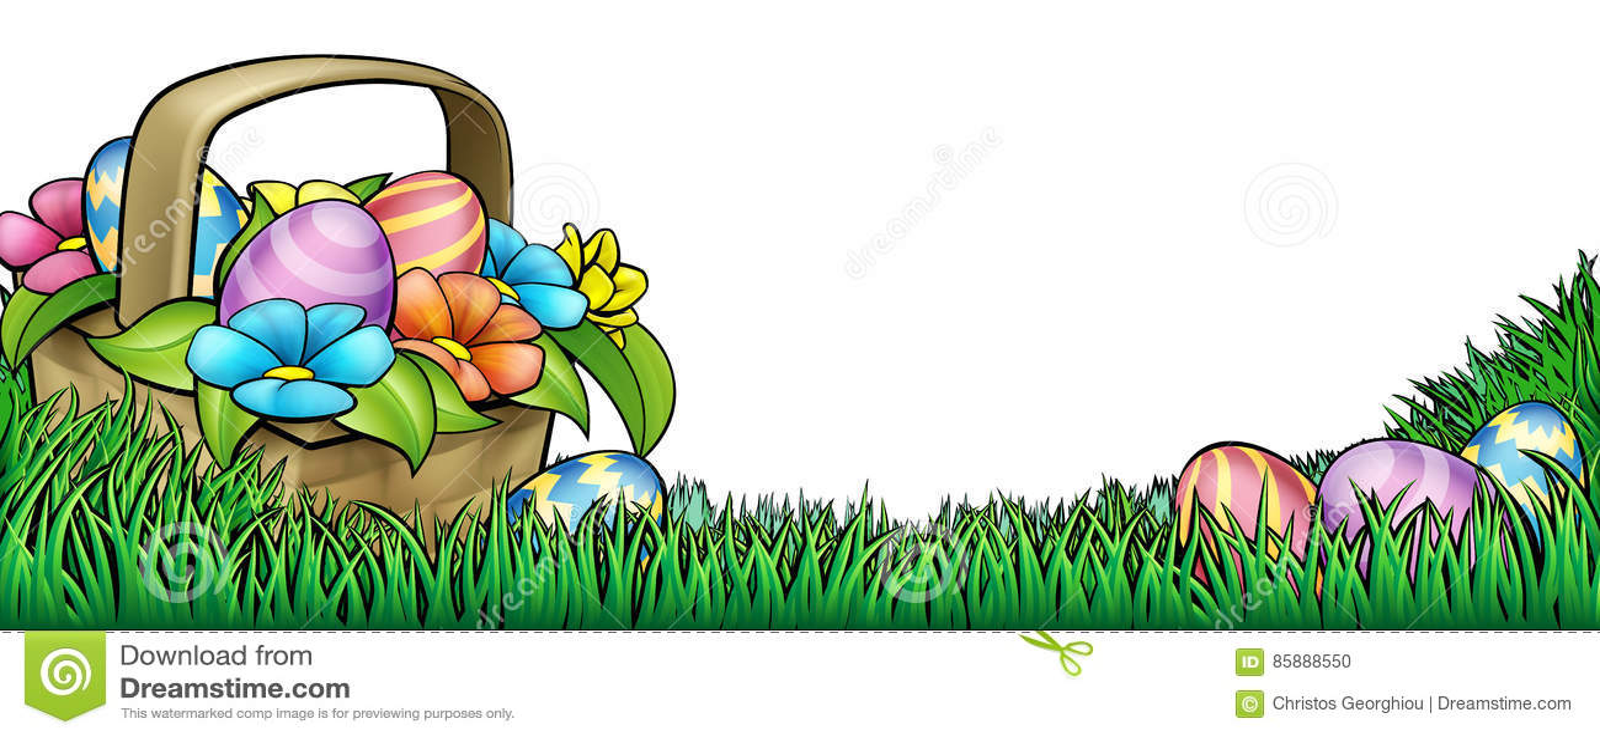 Easter Egg Hunt Background stock vector. Illustration of backdrop ...